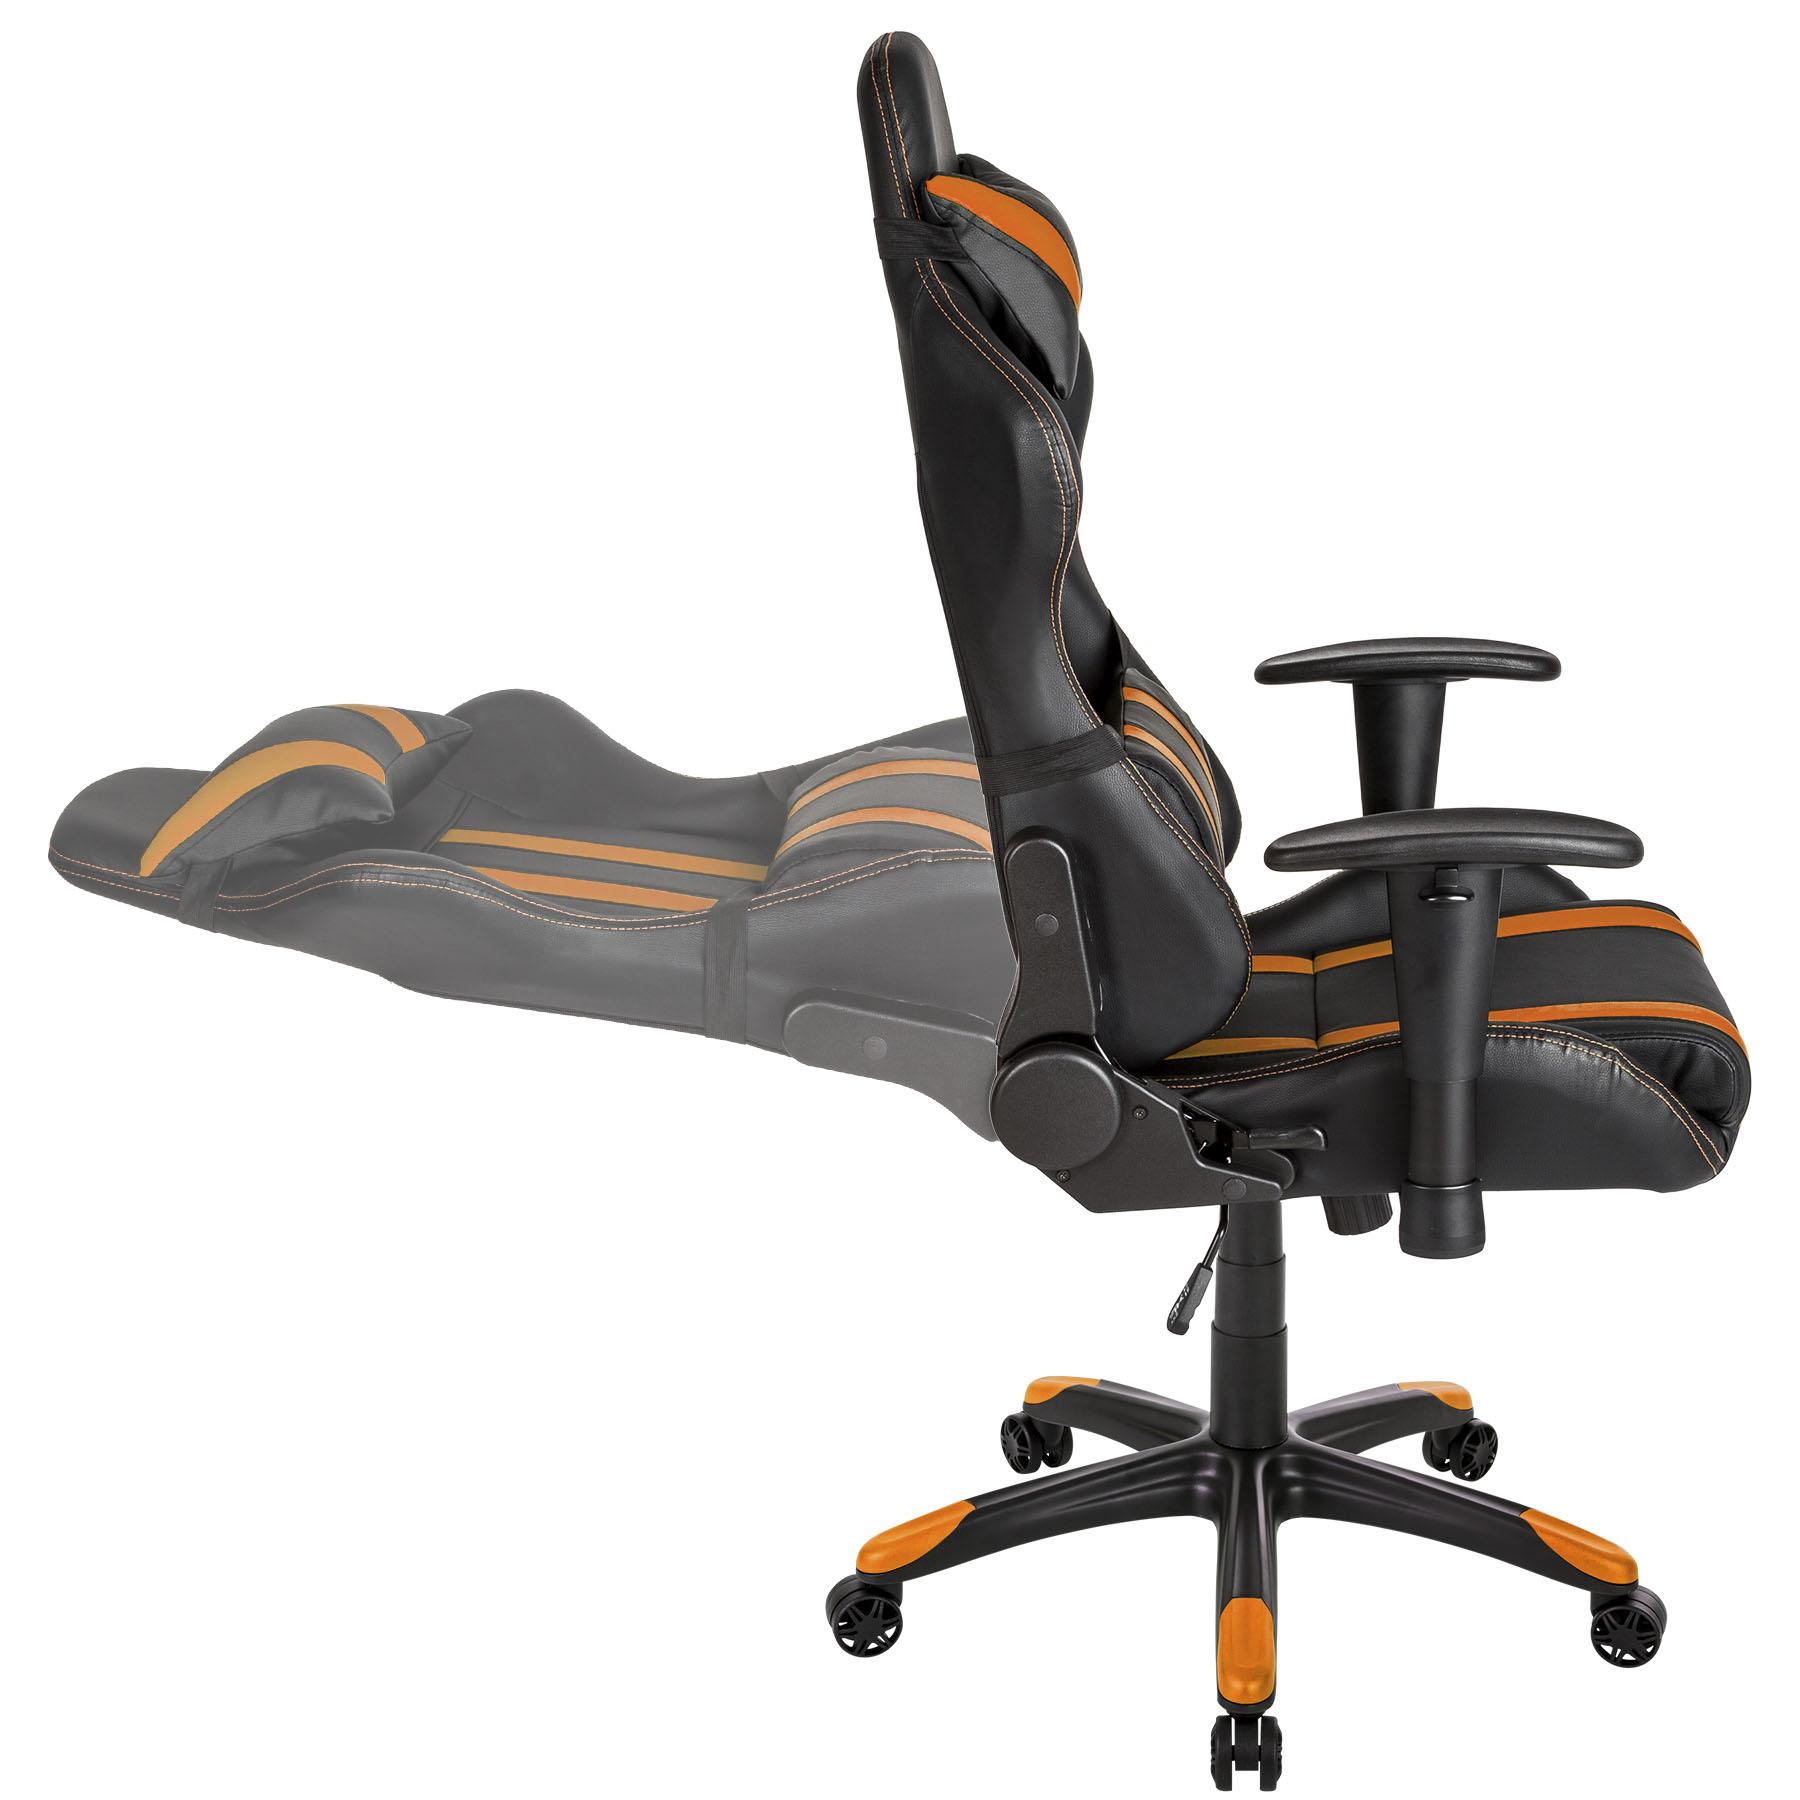 Silla de oficina sillon de despacho estudio ergonomica for Silla de oficina racing